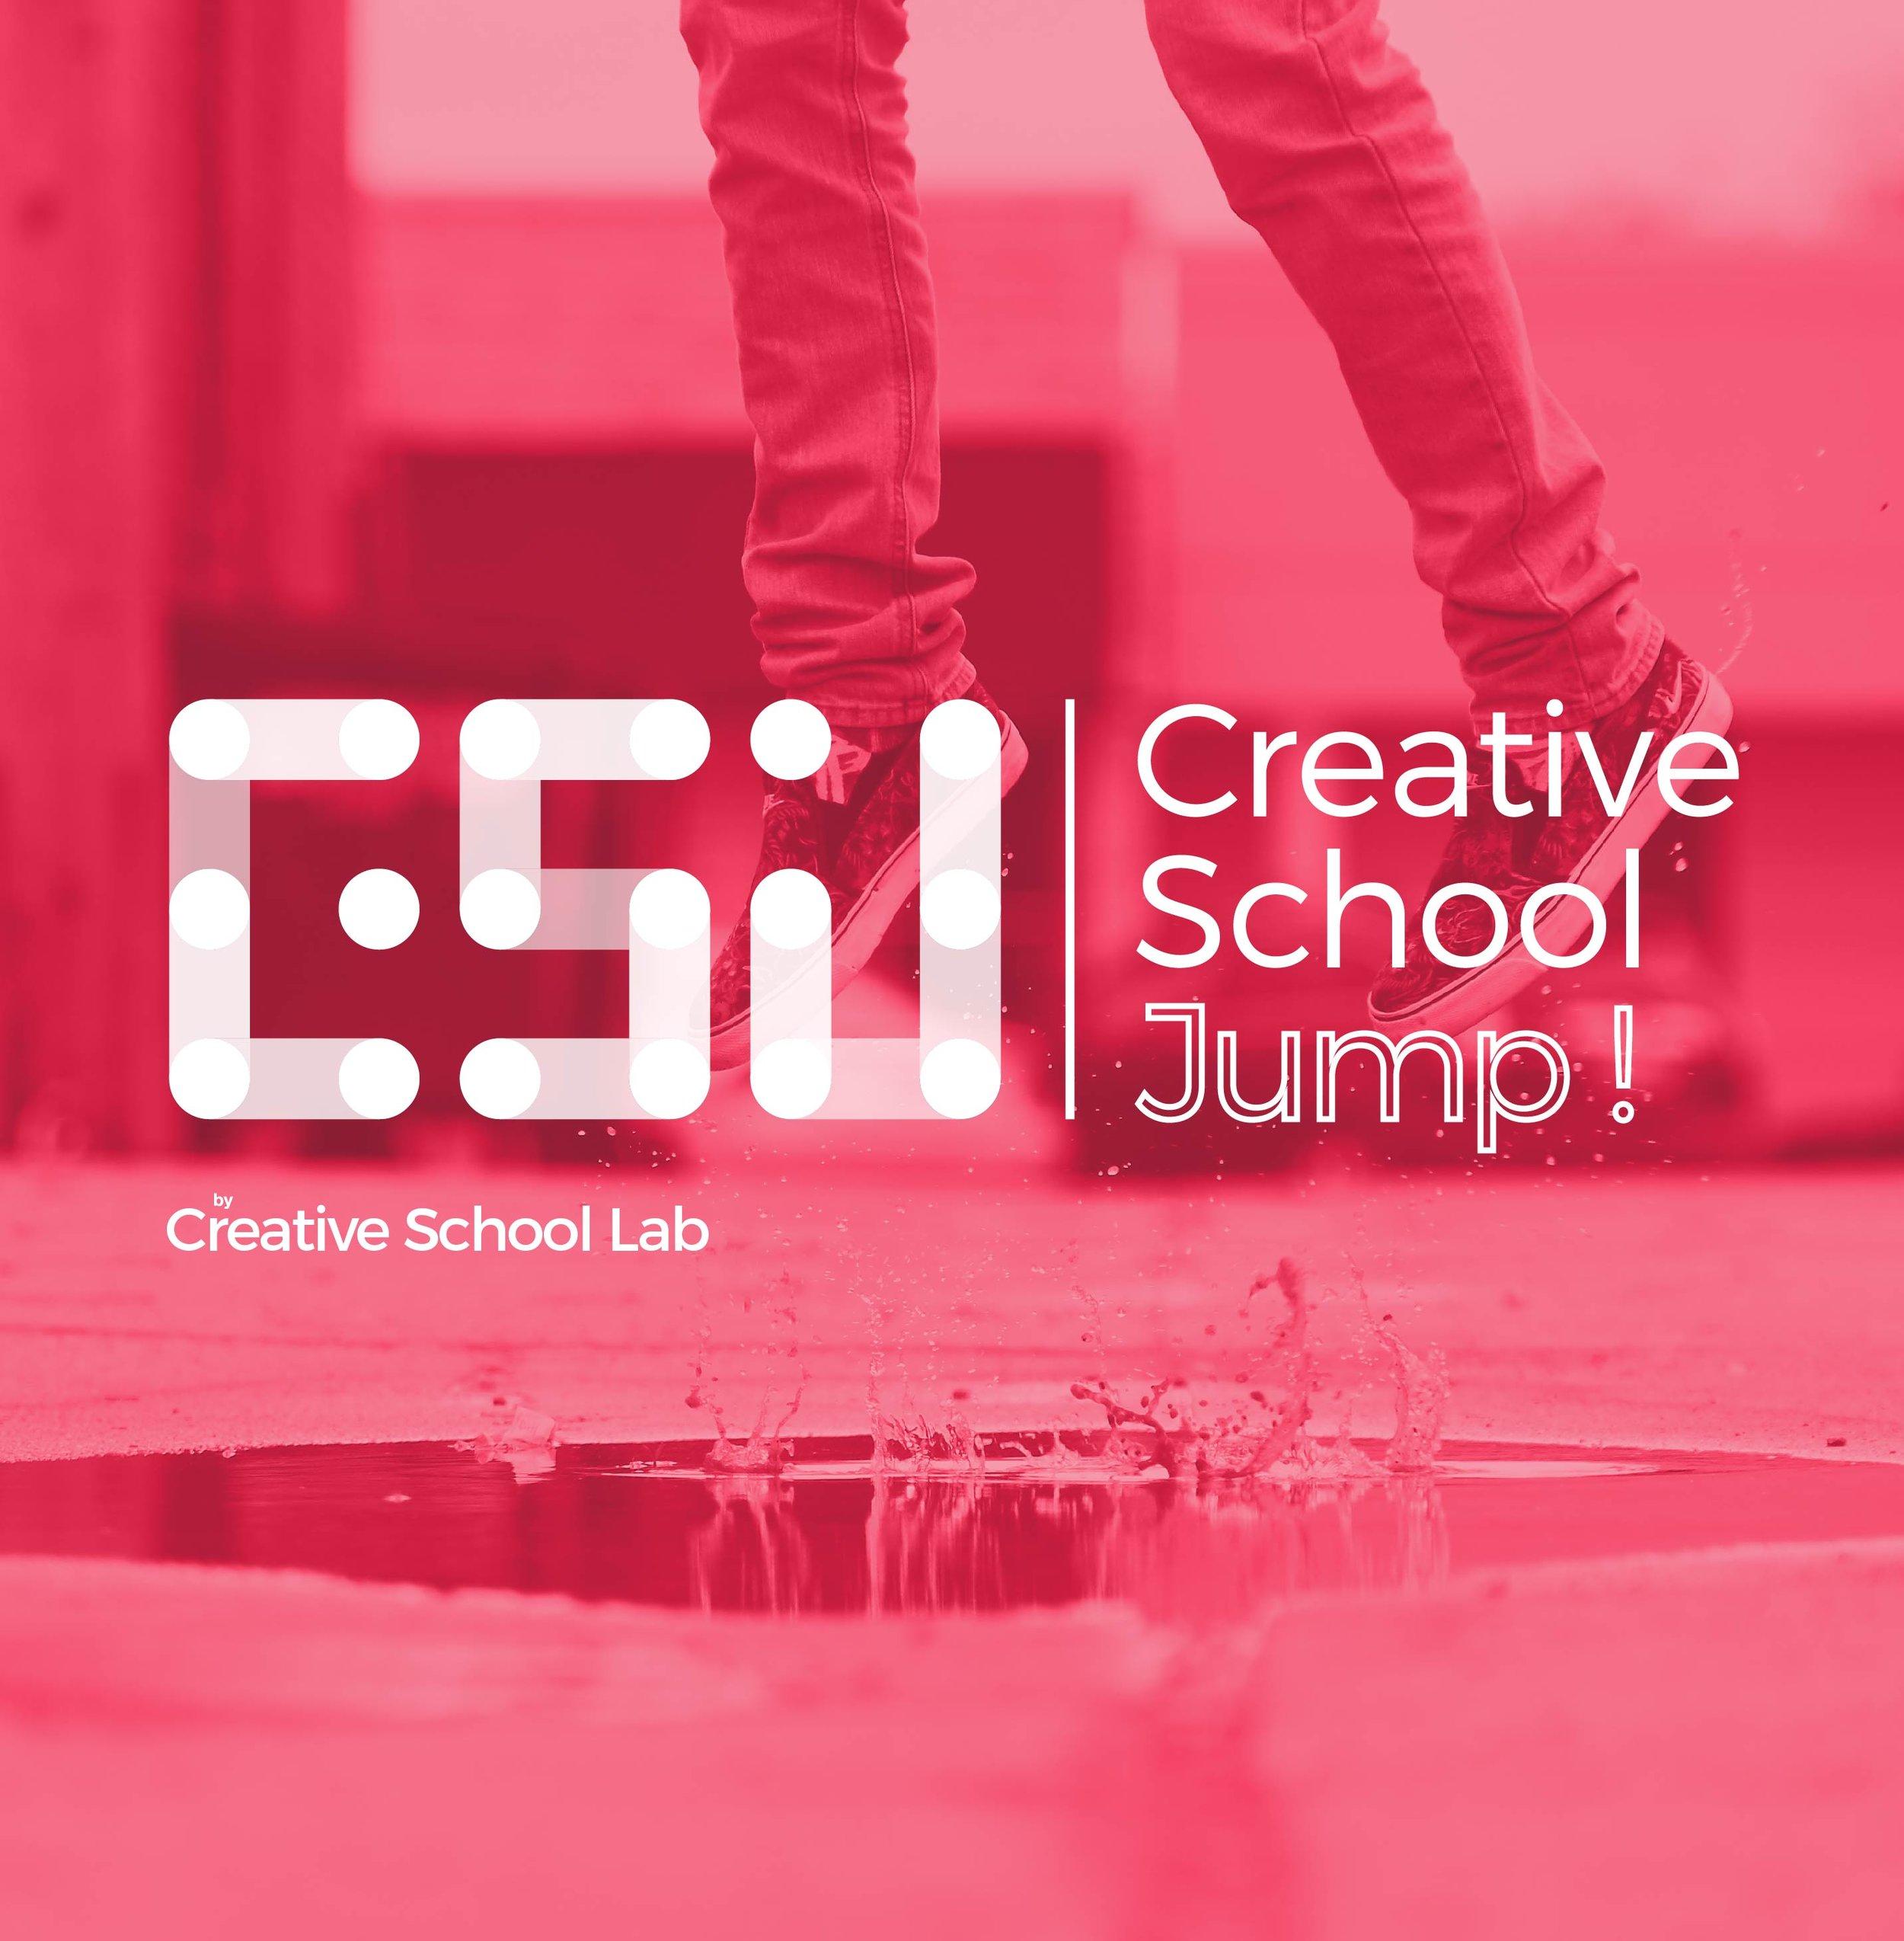 Creative School Jump !   Financement et formations pour booster la créativité dans votre école.